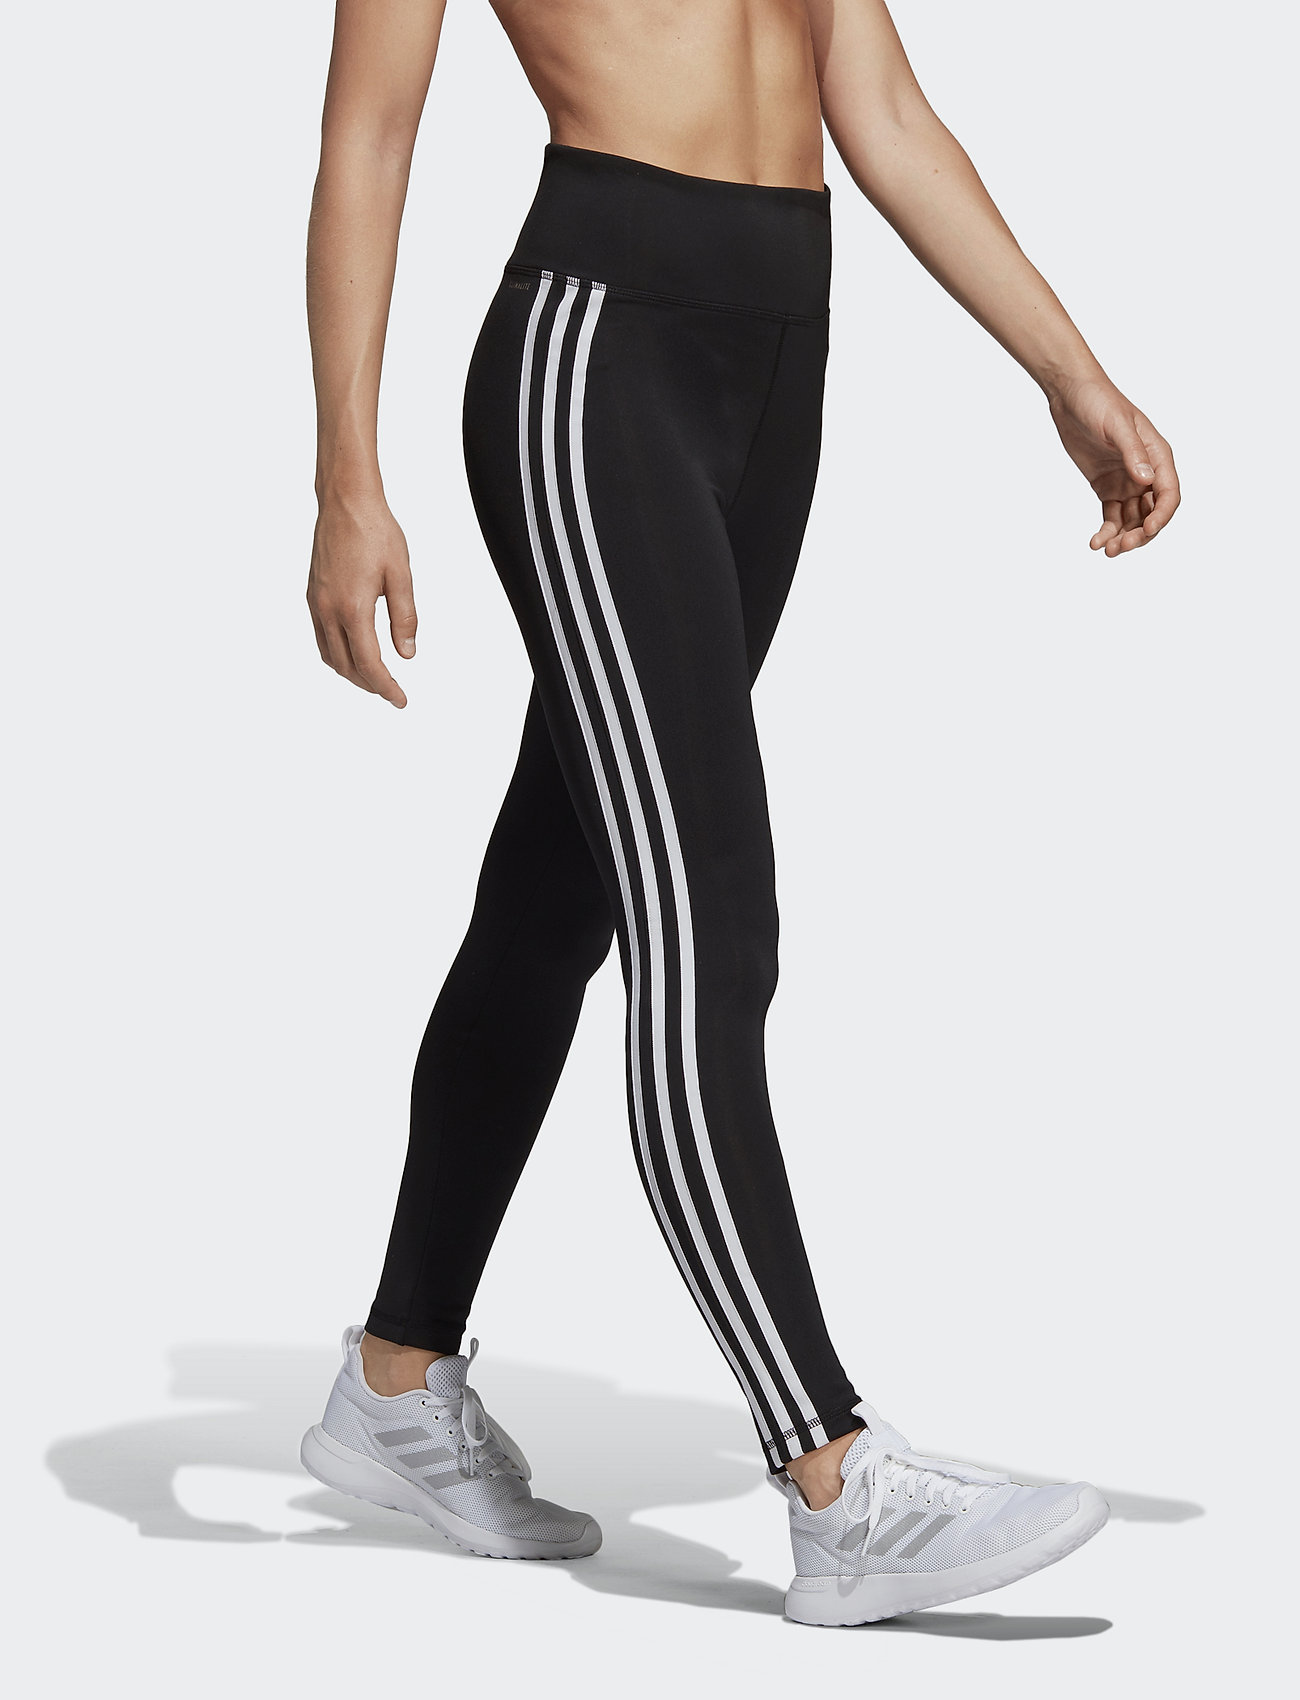 adidas Performance - W D2M 3S HR LT - leggings - black/white - 0